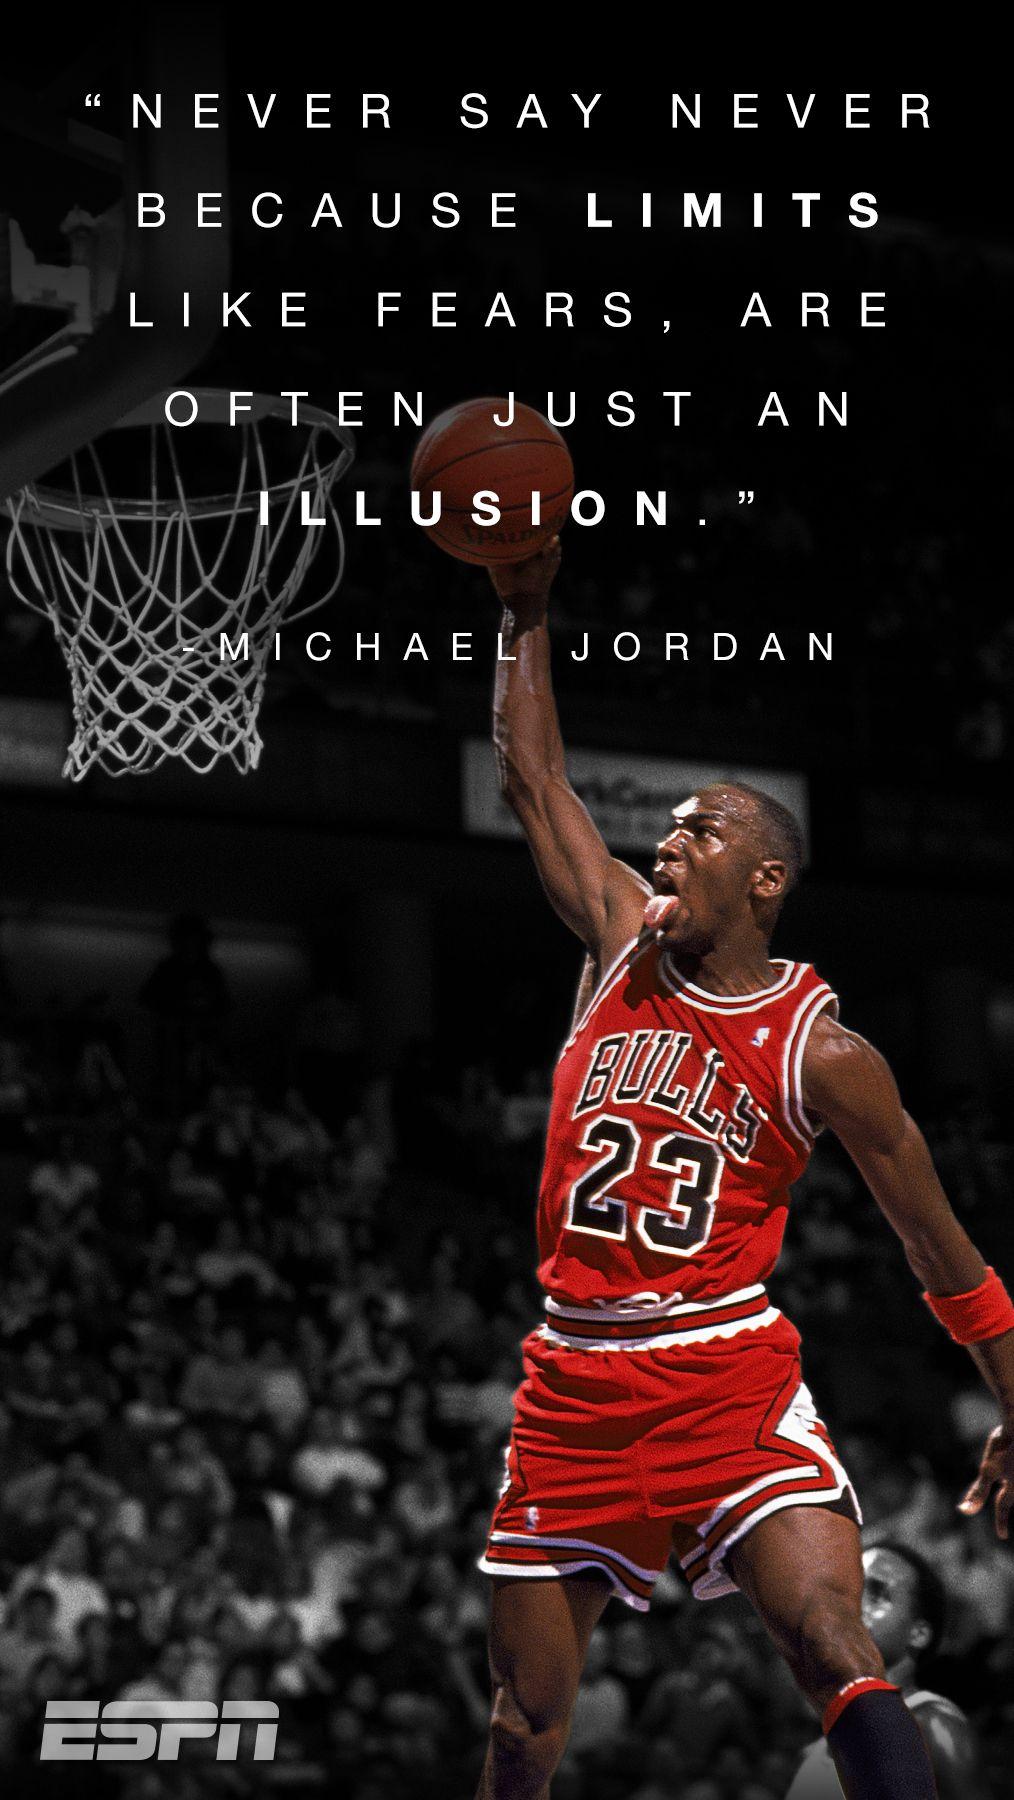 Go beyond your limits. Michael jordan quotes, Jordan